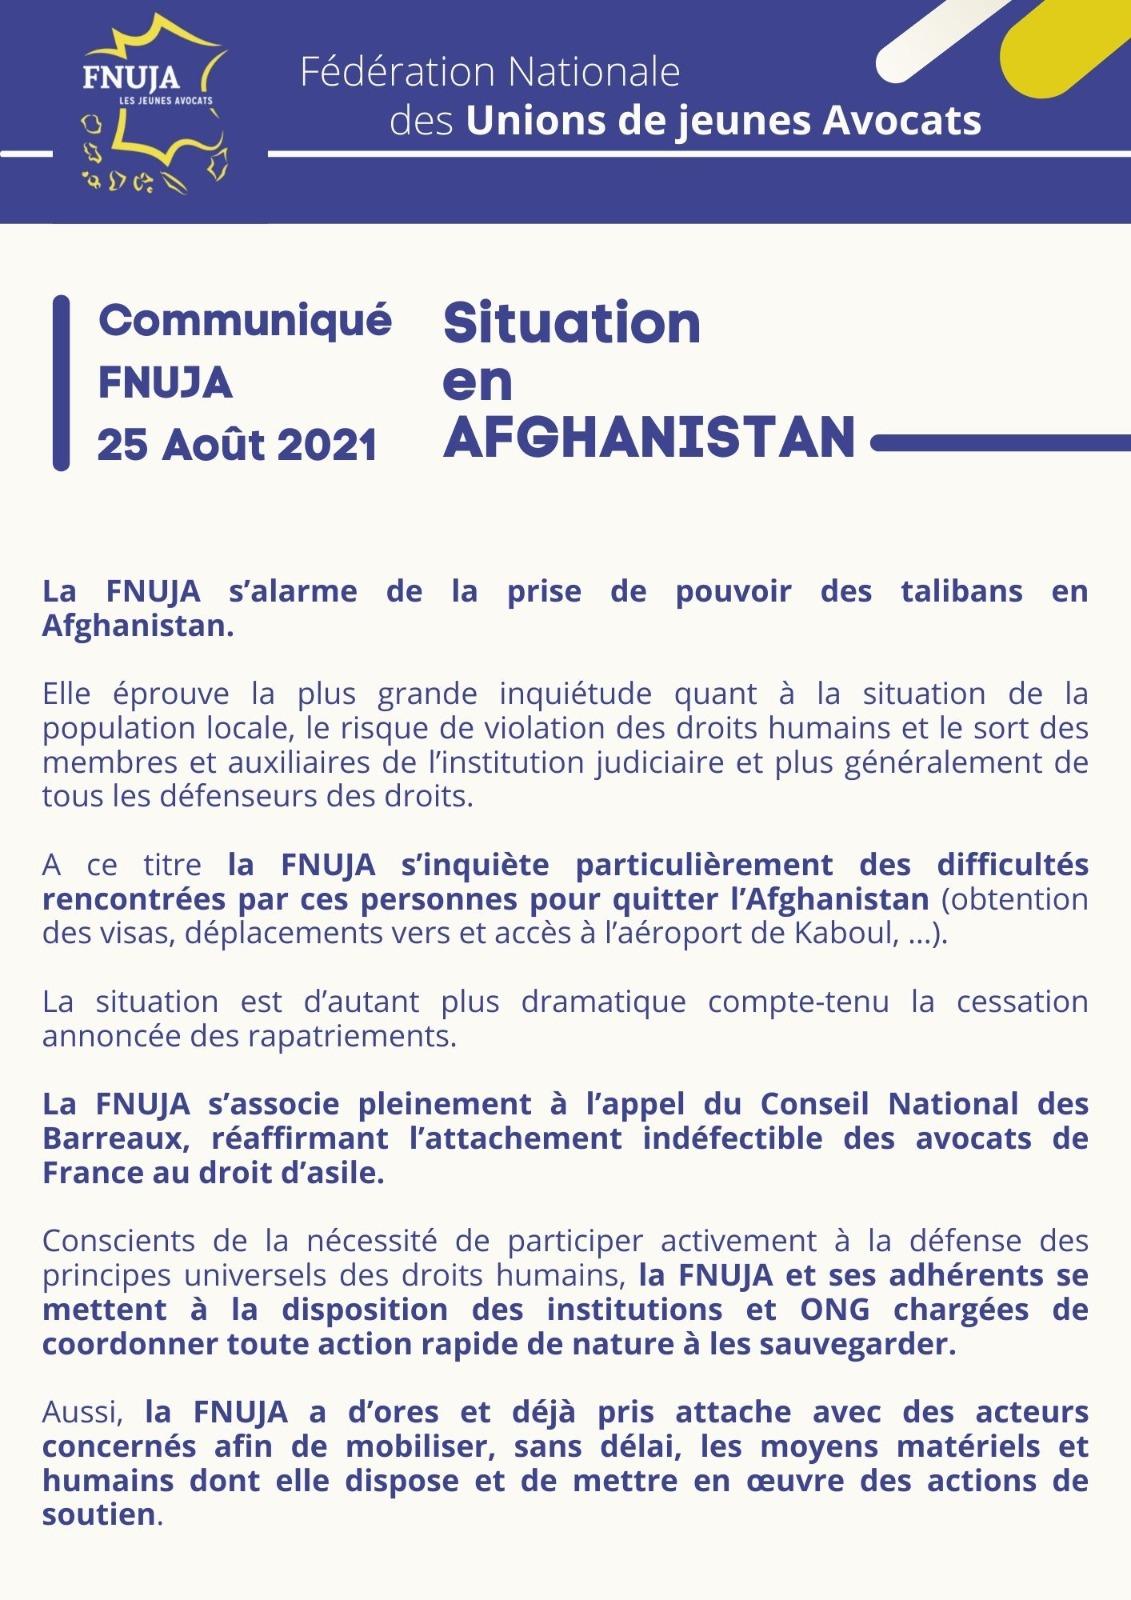 Communiqué sur la situation en Afghanistan